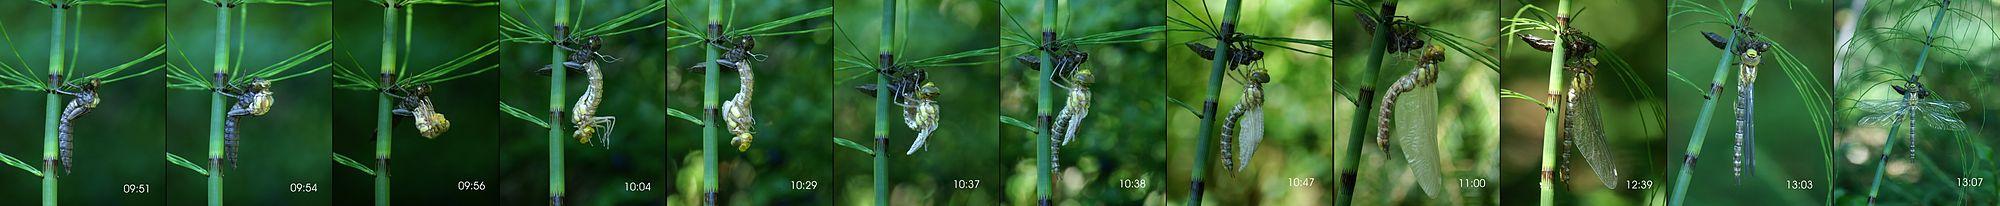 كما جميع أنواع الحشرات التي تمر بالتطور الكامل، يقوم هذا السرمان الأزرق بطرح هيكله الخارجي عدّة مرات طيلة الفترة السابقة على بلوغه.